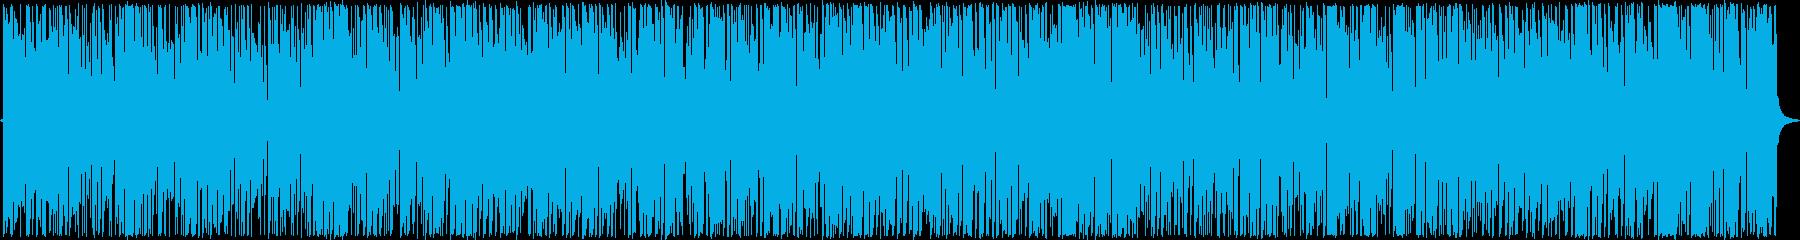 ダンシンボールルーム。チャチャチャ...の再生済みの波形